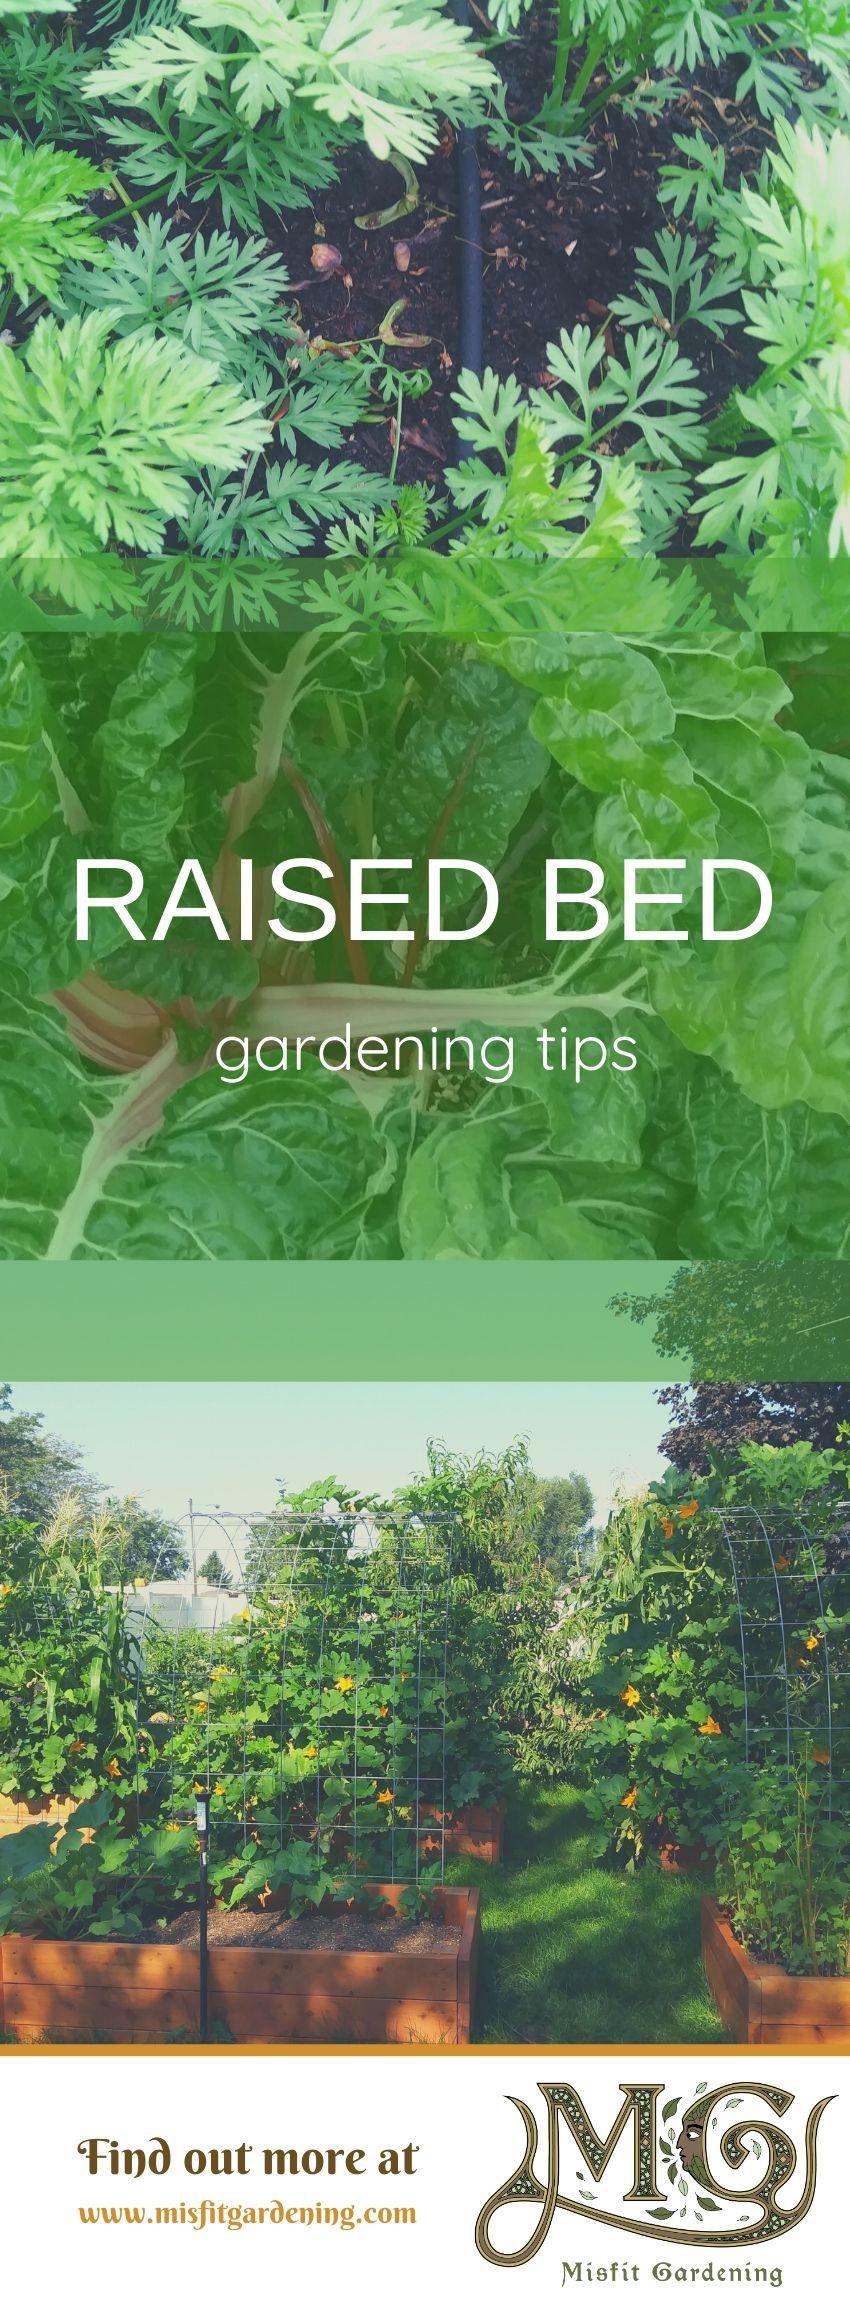 Klicken Sie hier, um mehr über die Gartenarbeit mit Hochbeeten zu erfahren, oder stecken Sie sie fest und speichern Sie sie für später. #Garten #Haushalt